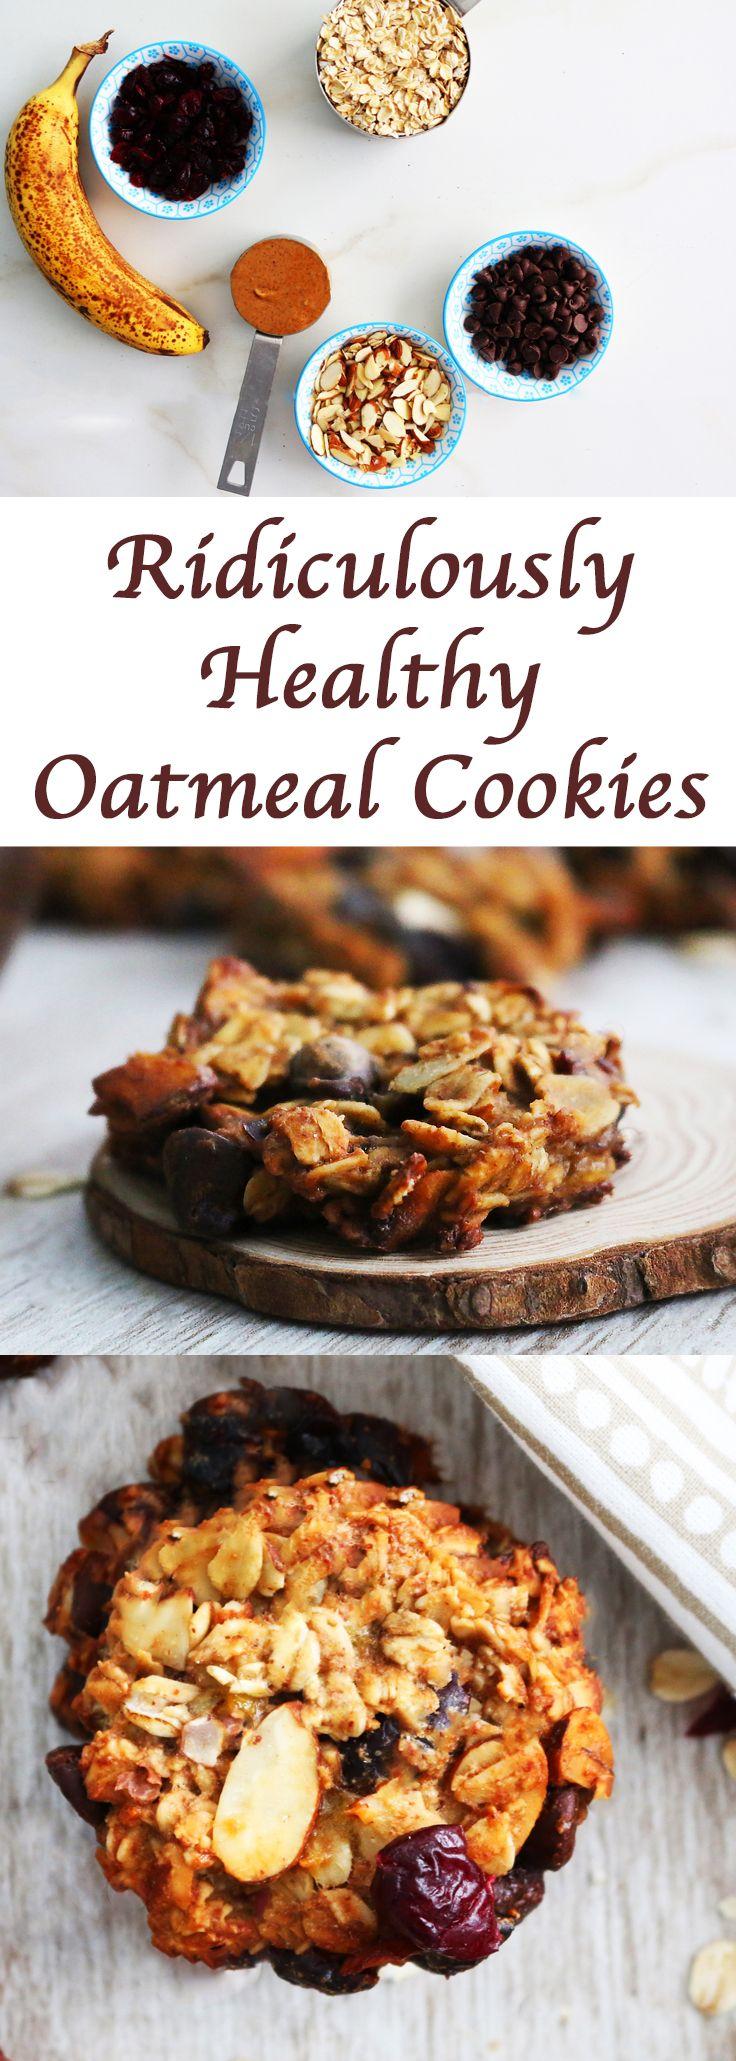 #snack #healthysnack #cookie #cookies #healthycookie #helathycookies #oatmeal #oatmealcookies #healthyoatcookies #easyrecipes #easysnack #easybreakfast #breakfast #breakfastcookies #recipes http://www.kitchenathoskins.com/2017/03/28/ridiculously-healthy-oatmeal-cookies/